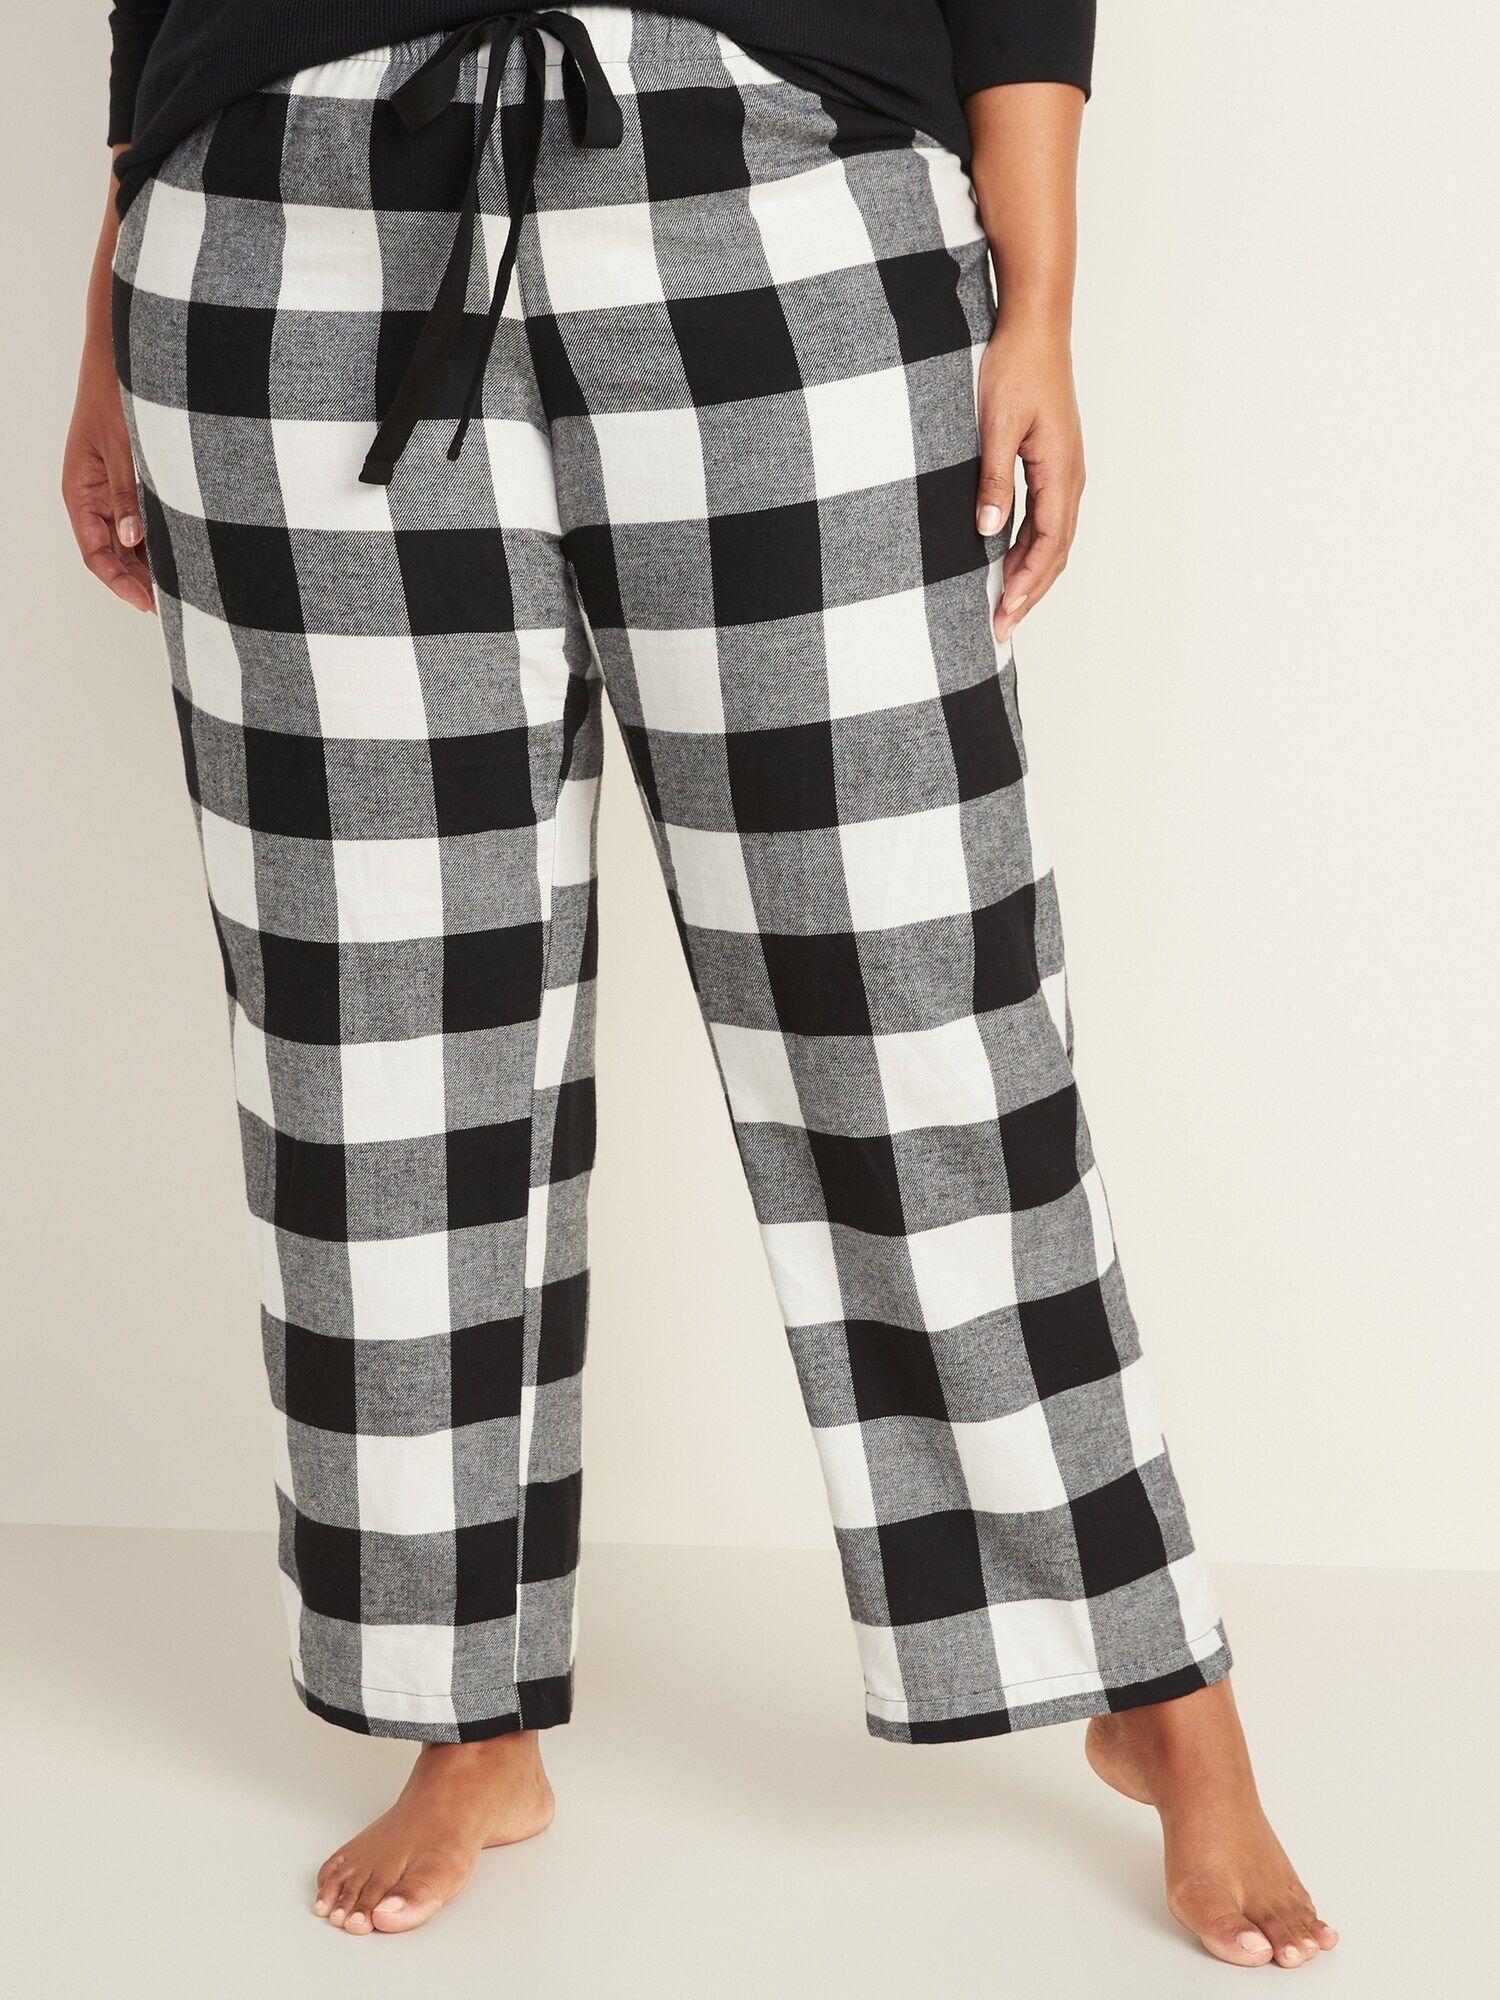 Patterned Flannel PlusSize Pajama Pants Plus size